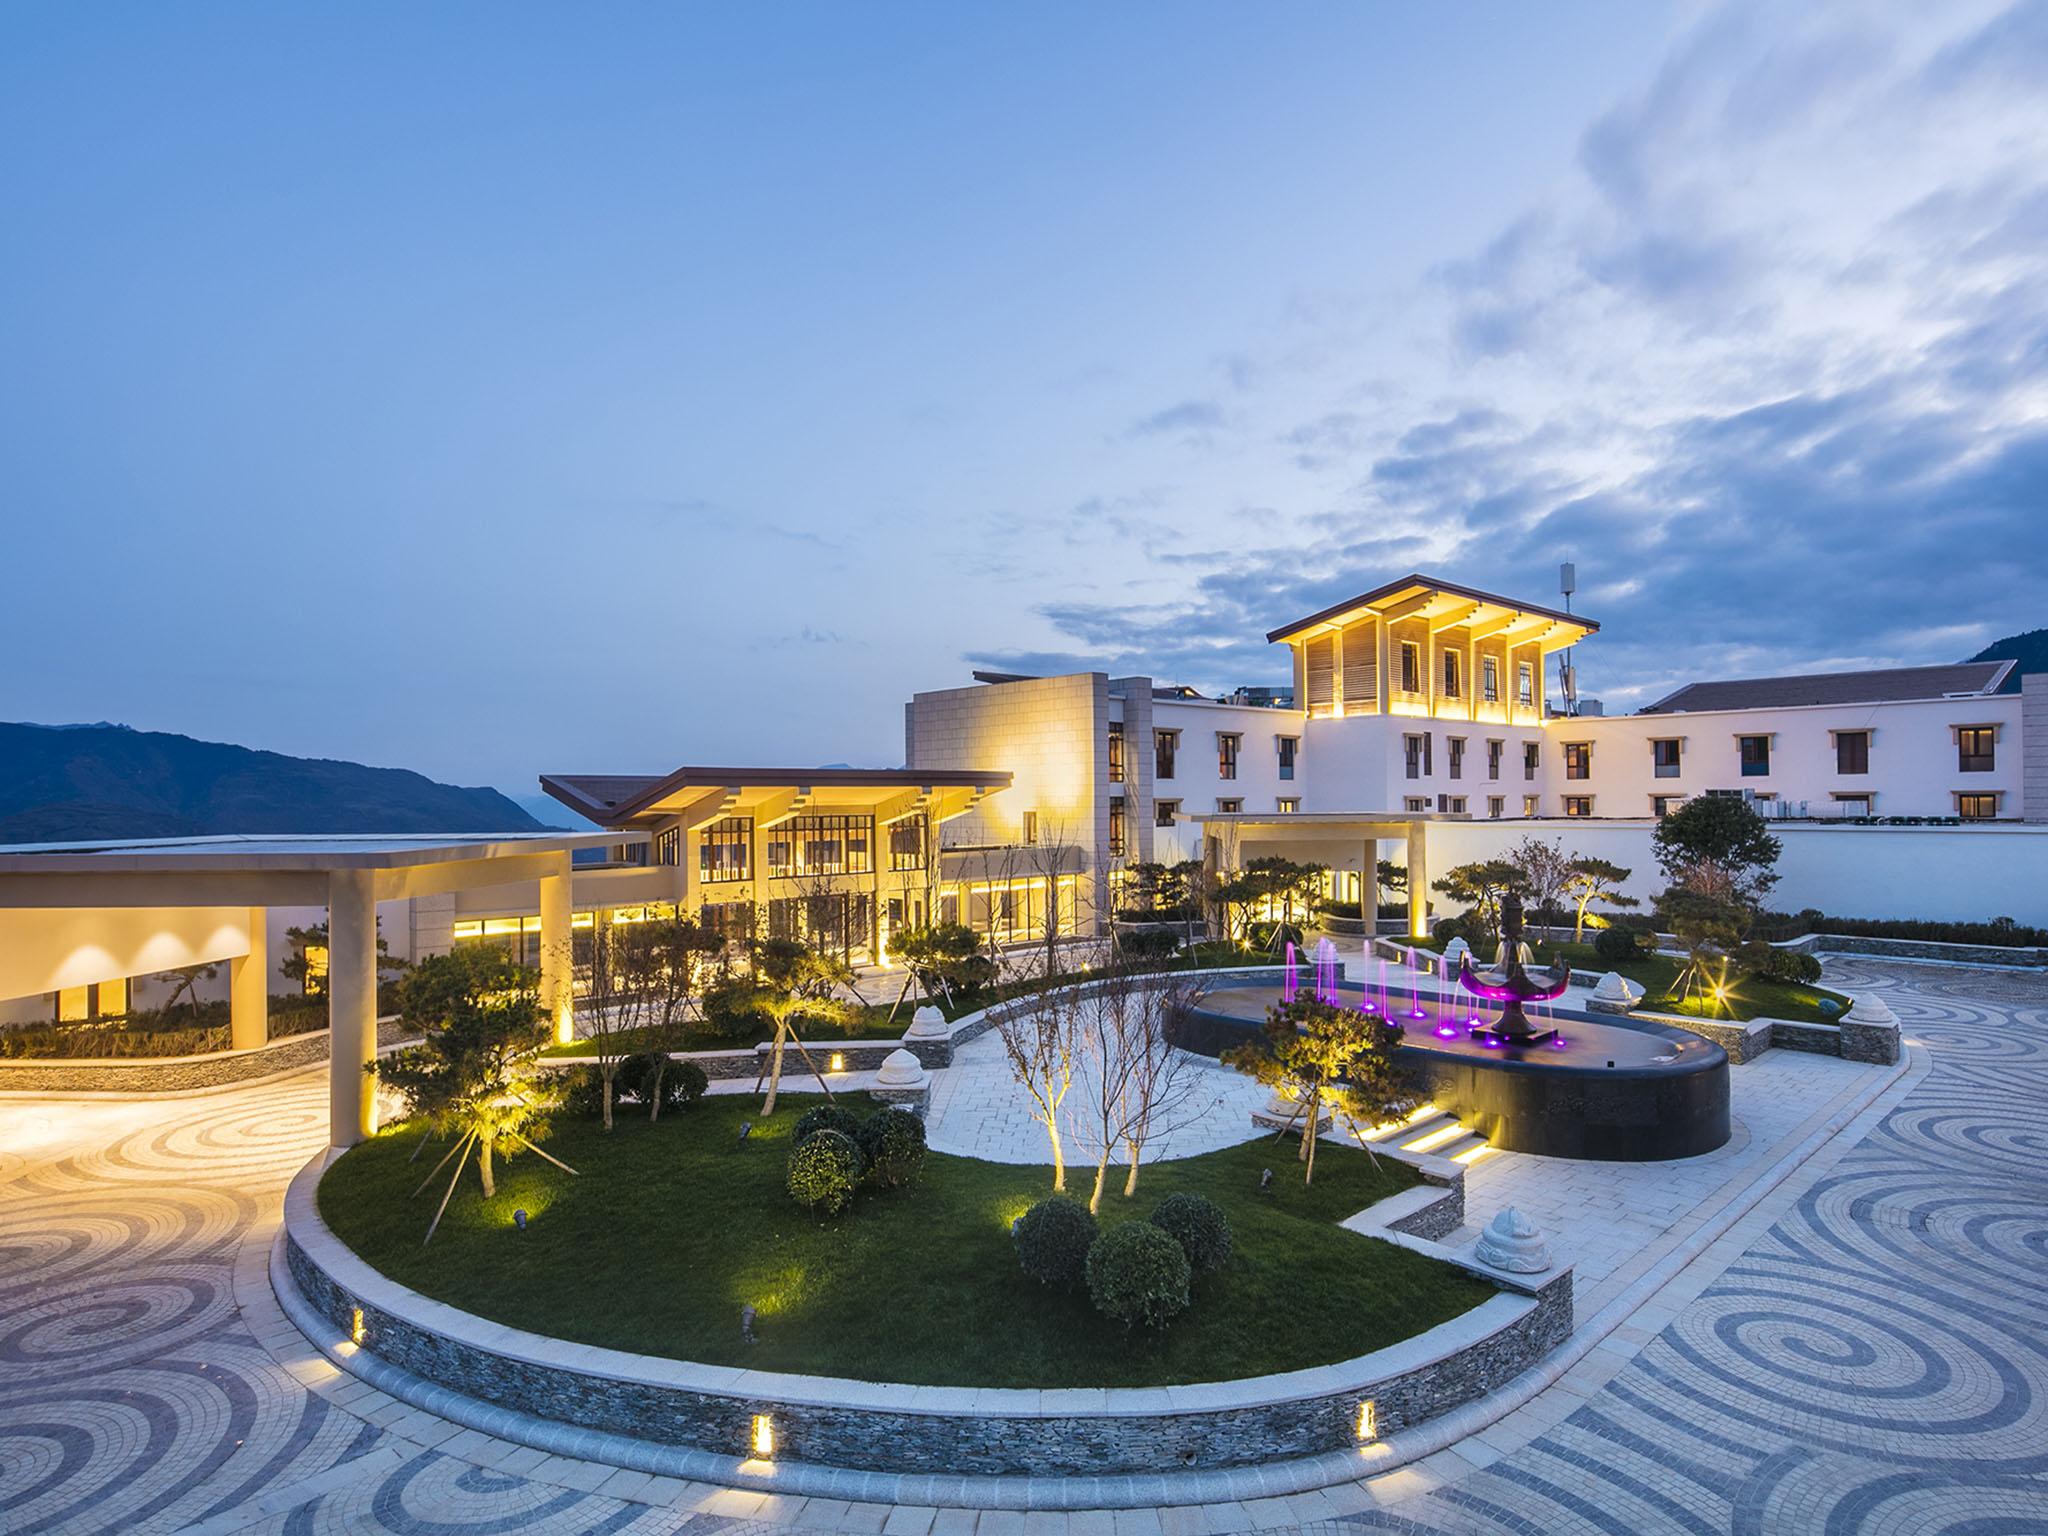 Hotel – Banyan Tree Jiuzhaigou